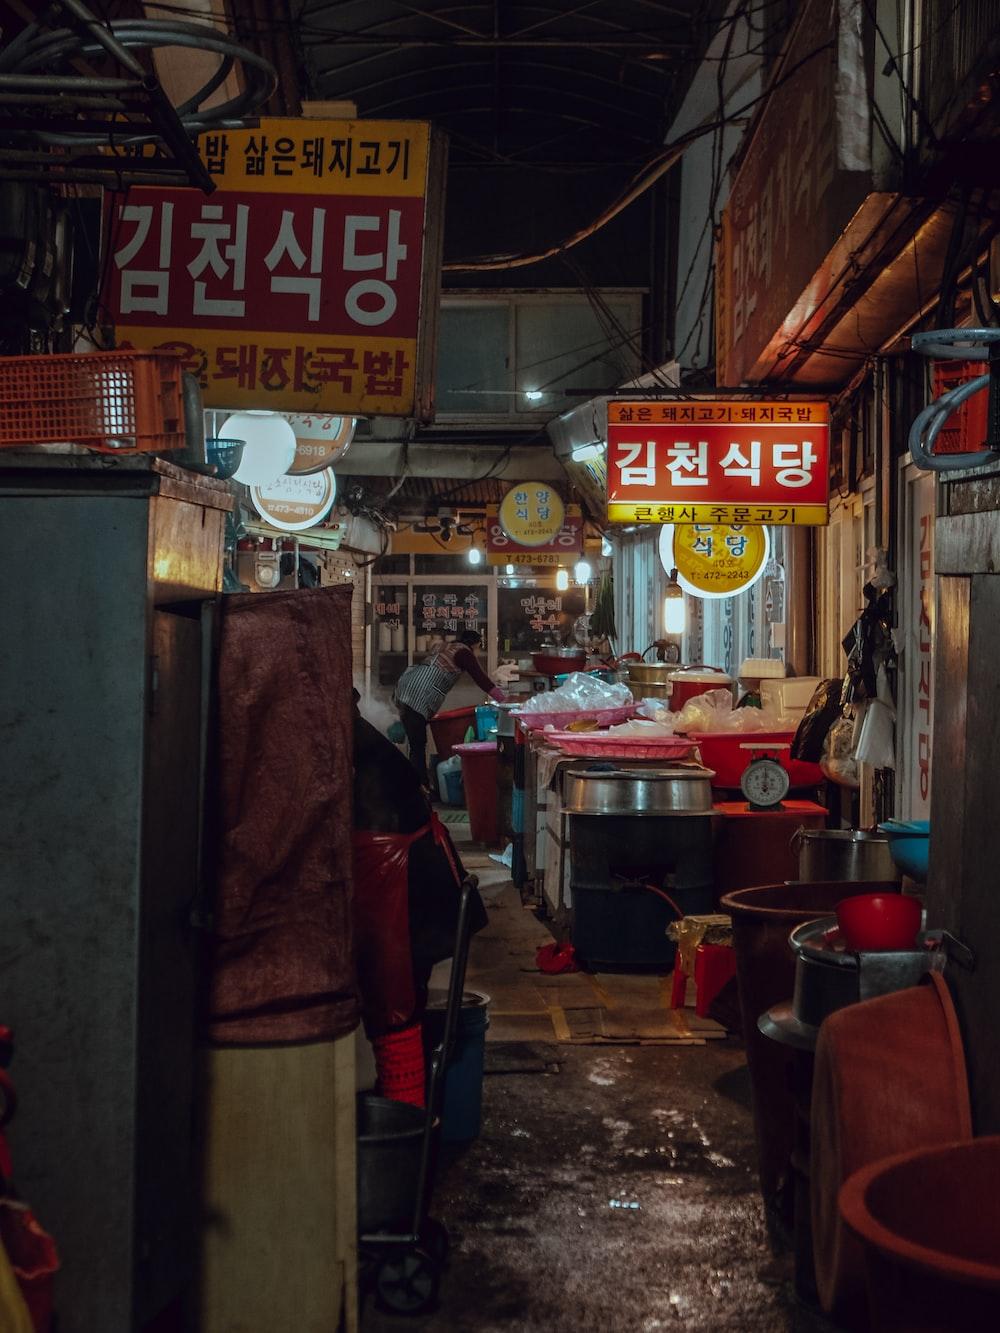 empty street near store